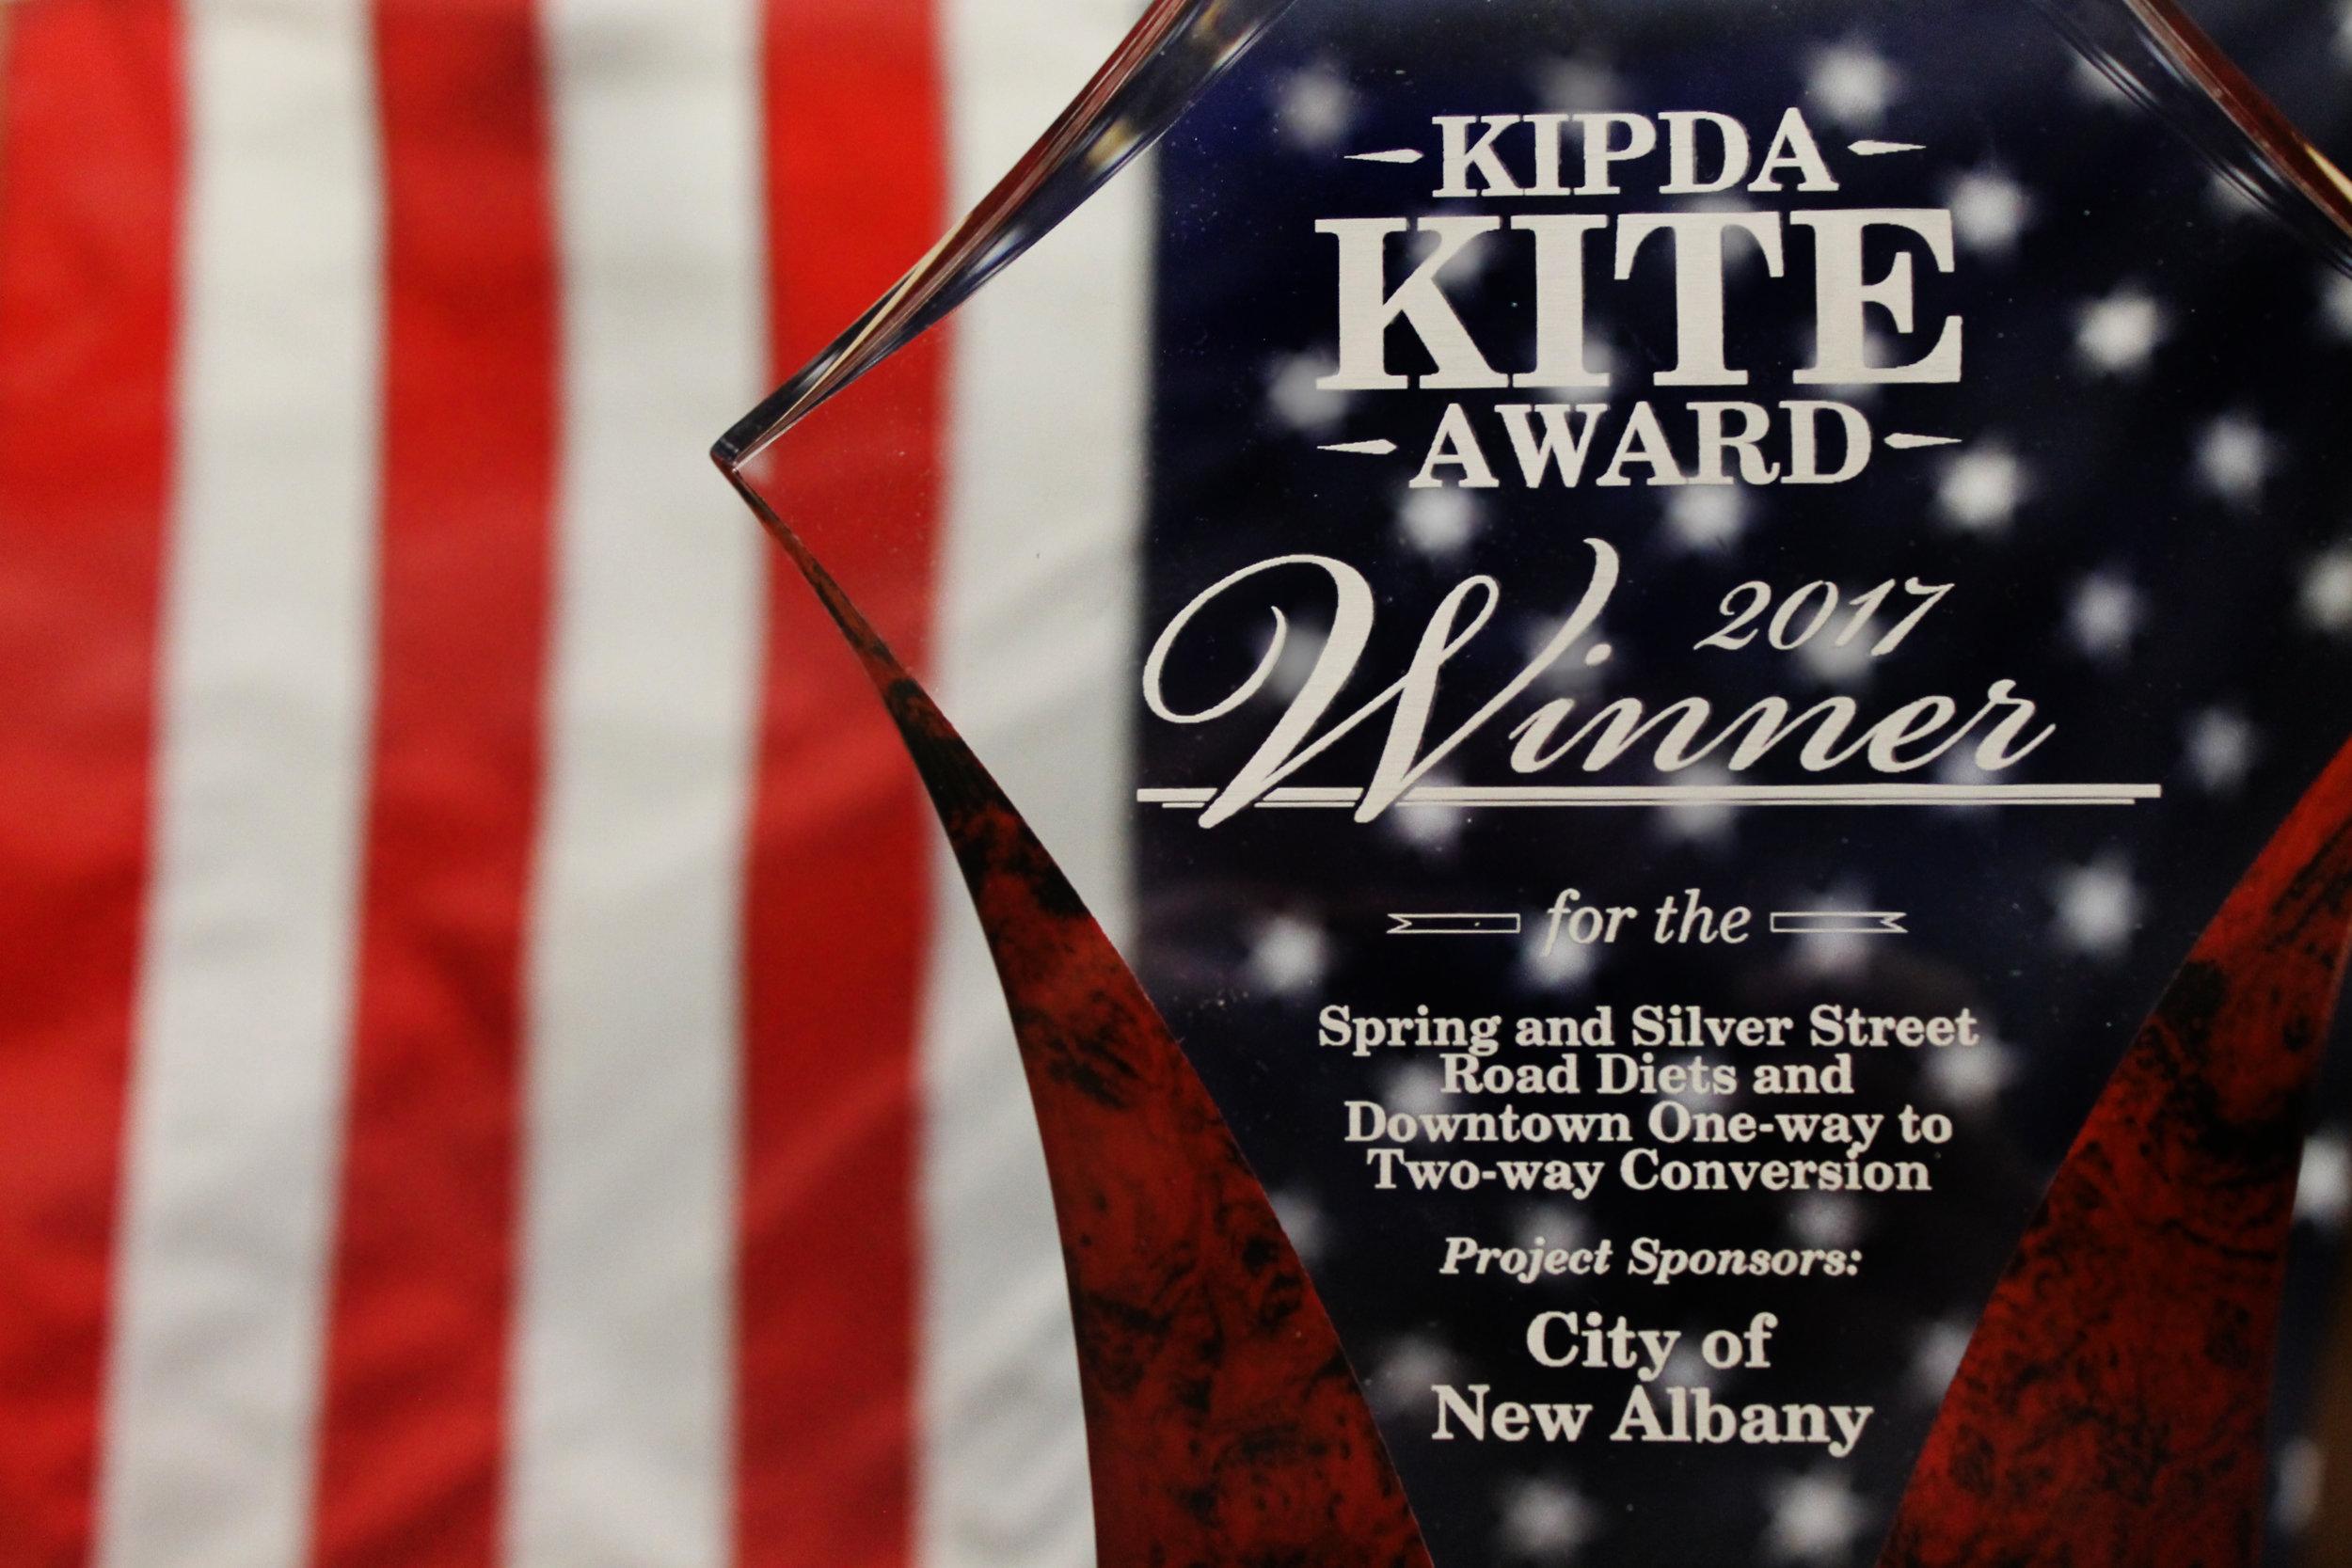 KIPDA Kite Award 2017.jpg